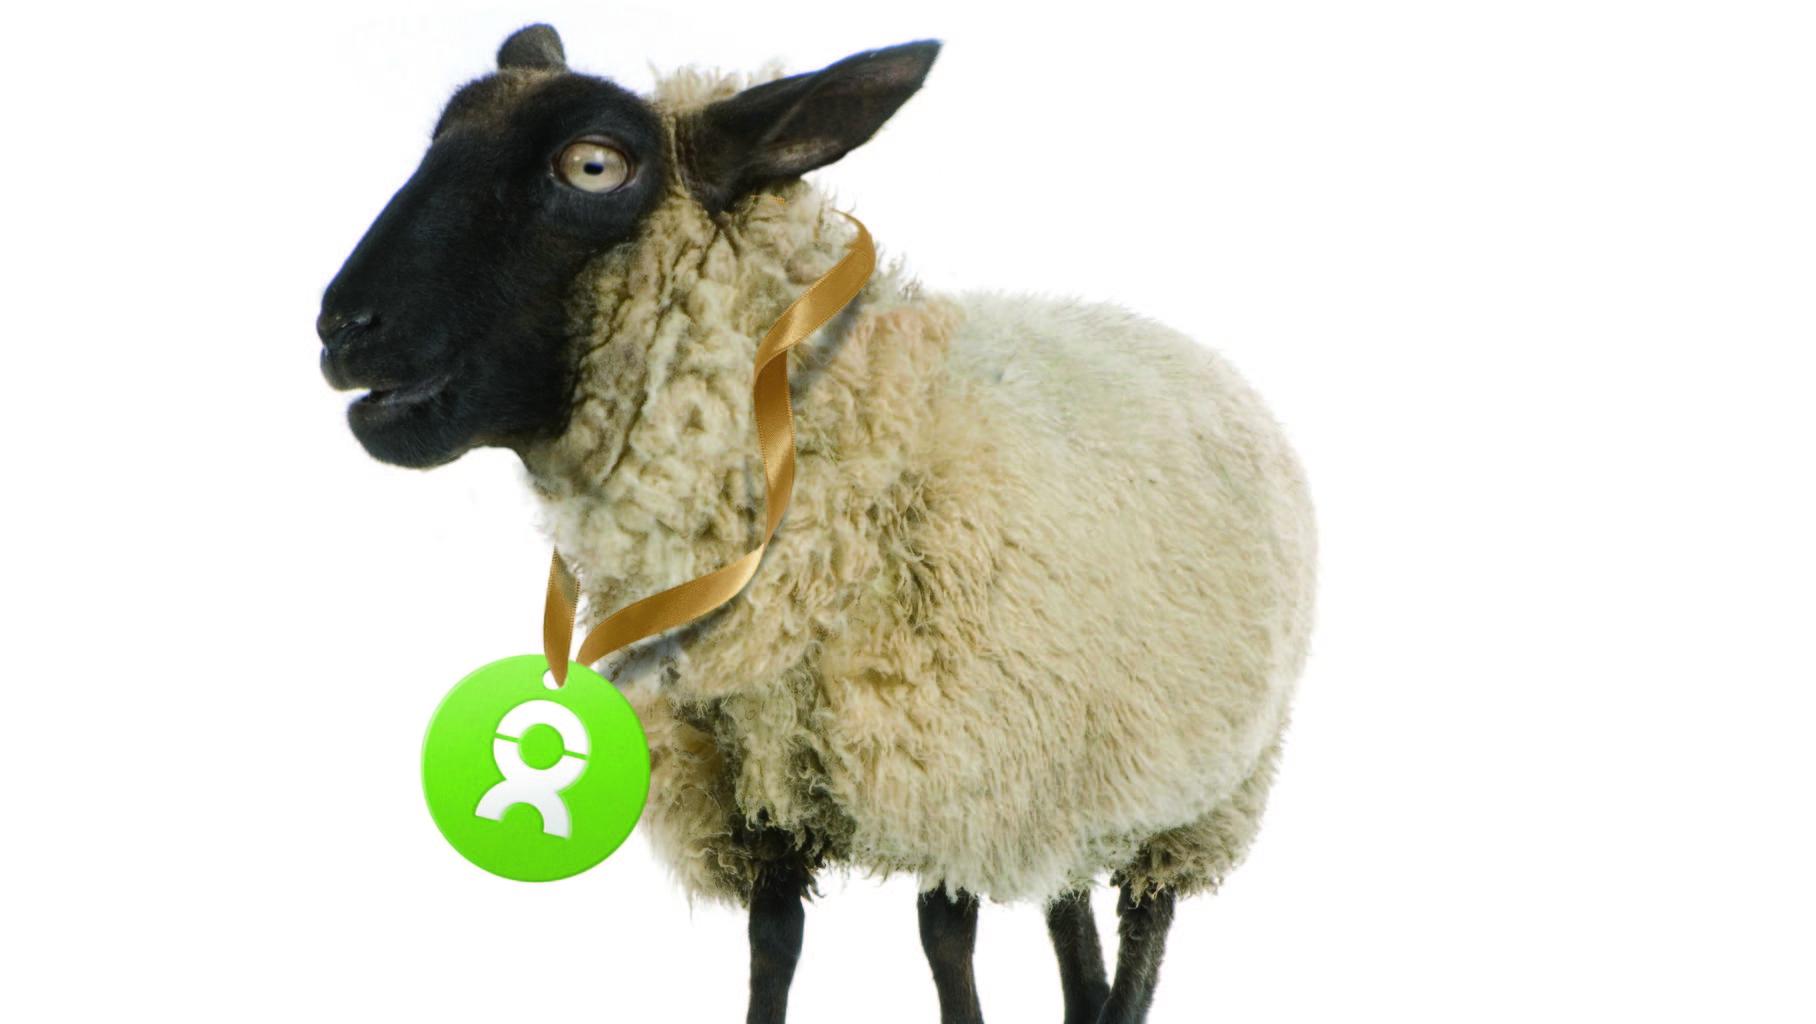 """Geschenk """"Schaf"""" von OxfamUnverpackt.de"""